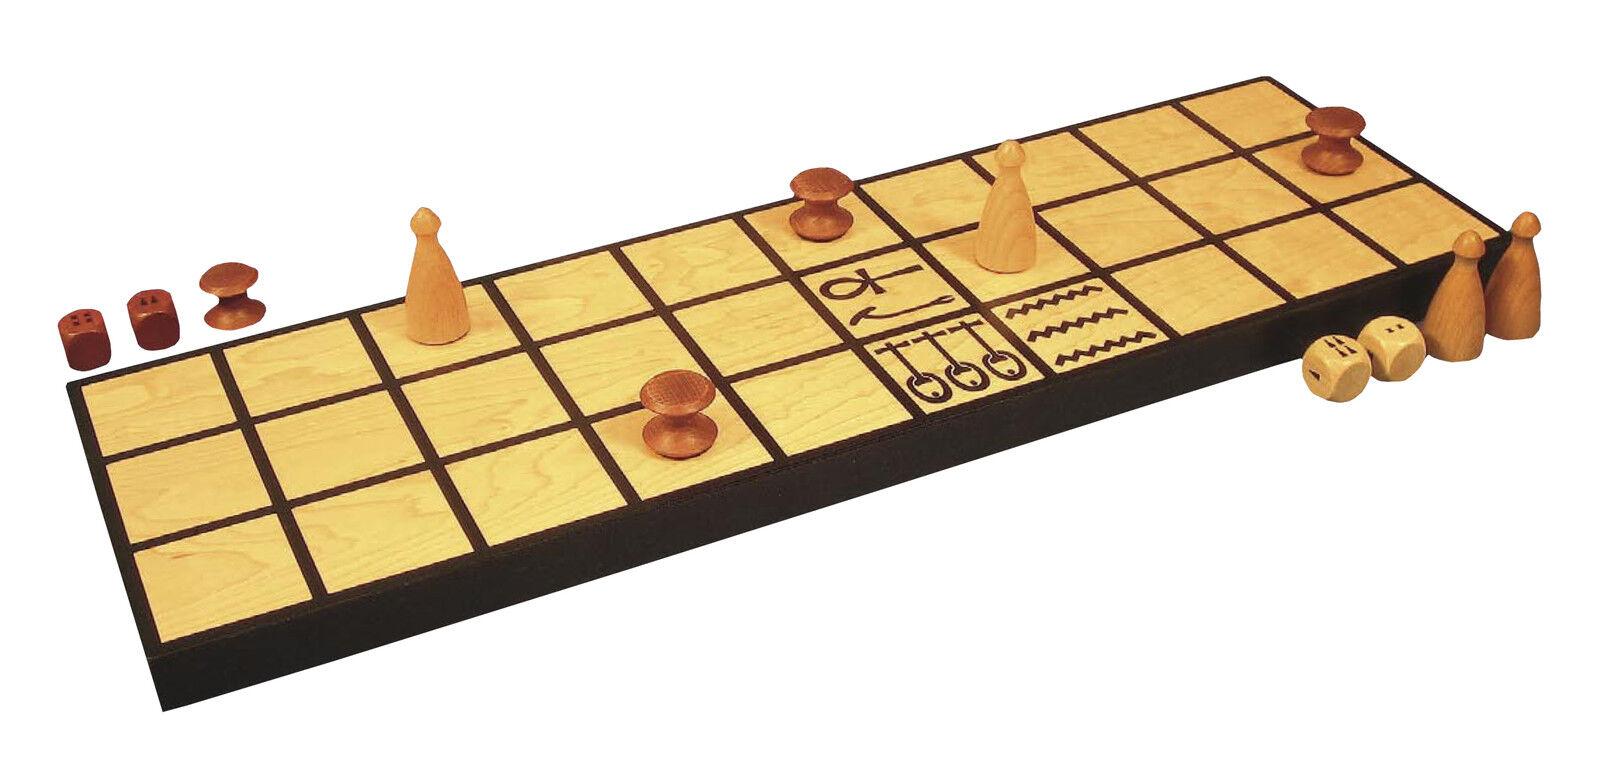 Pharao - Strategie und Zufall ältestes Spiel der Welt. Klassiker aus Ägypten